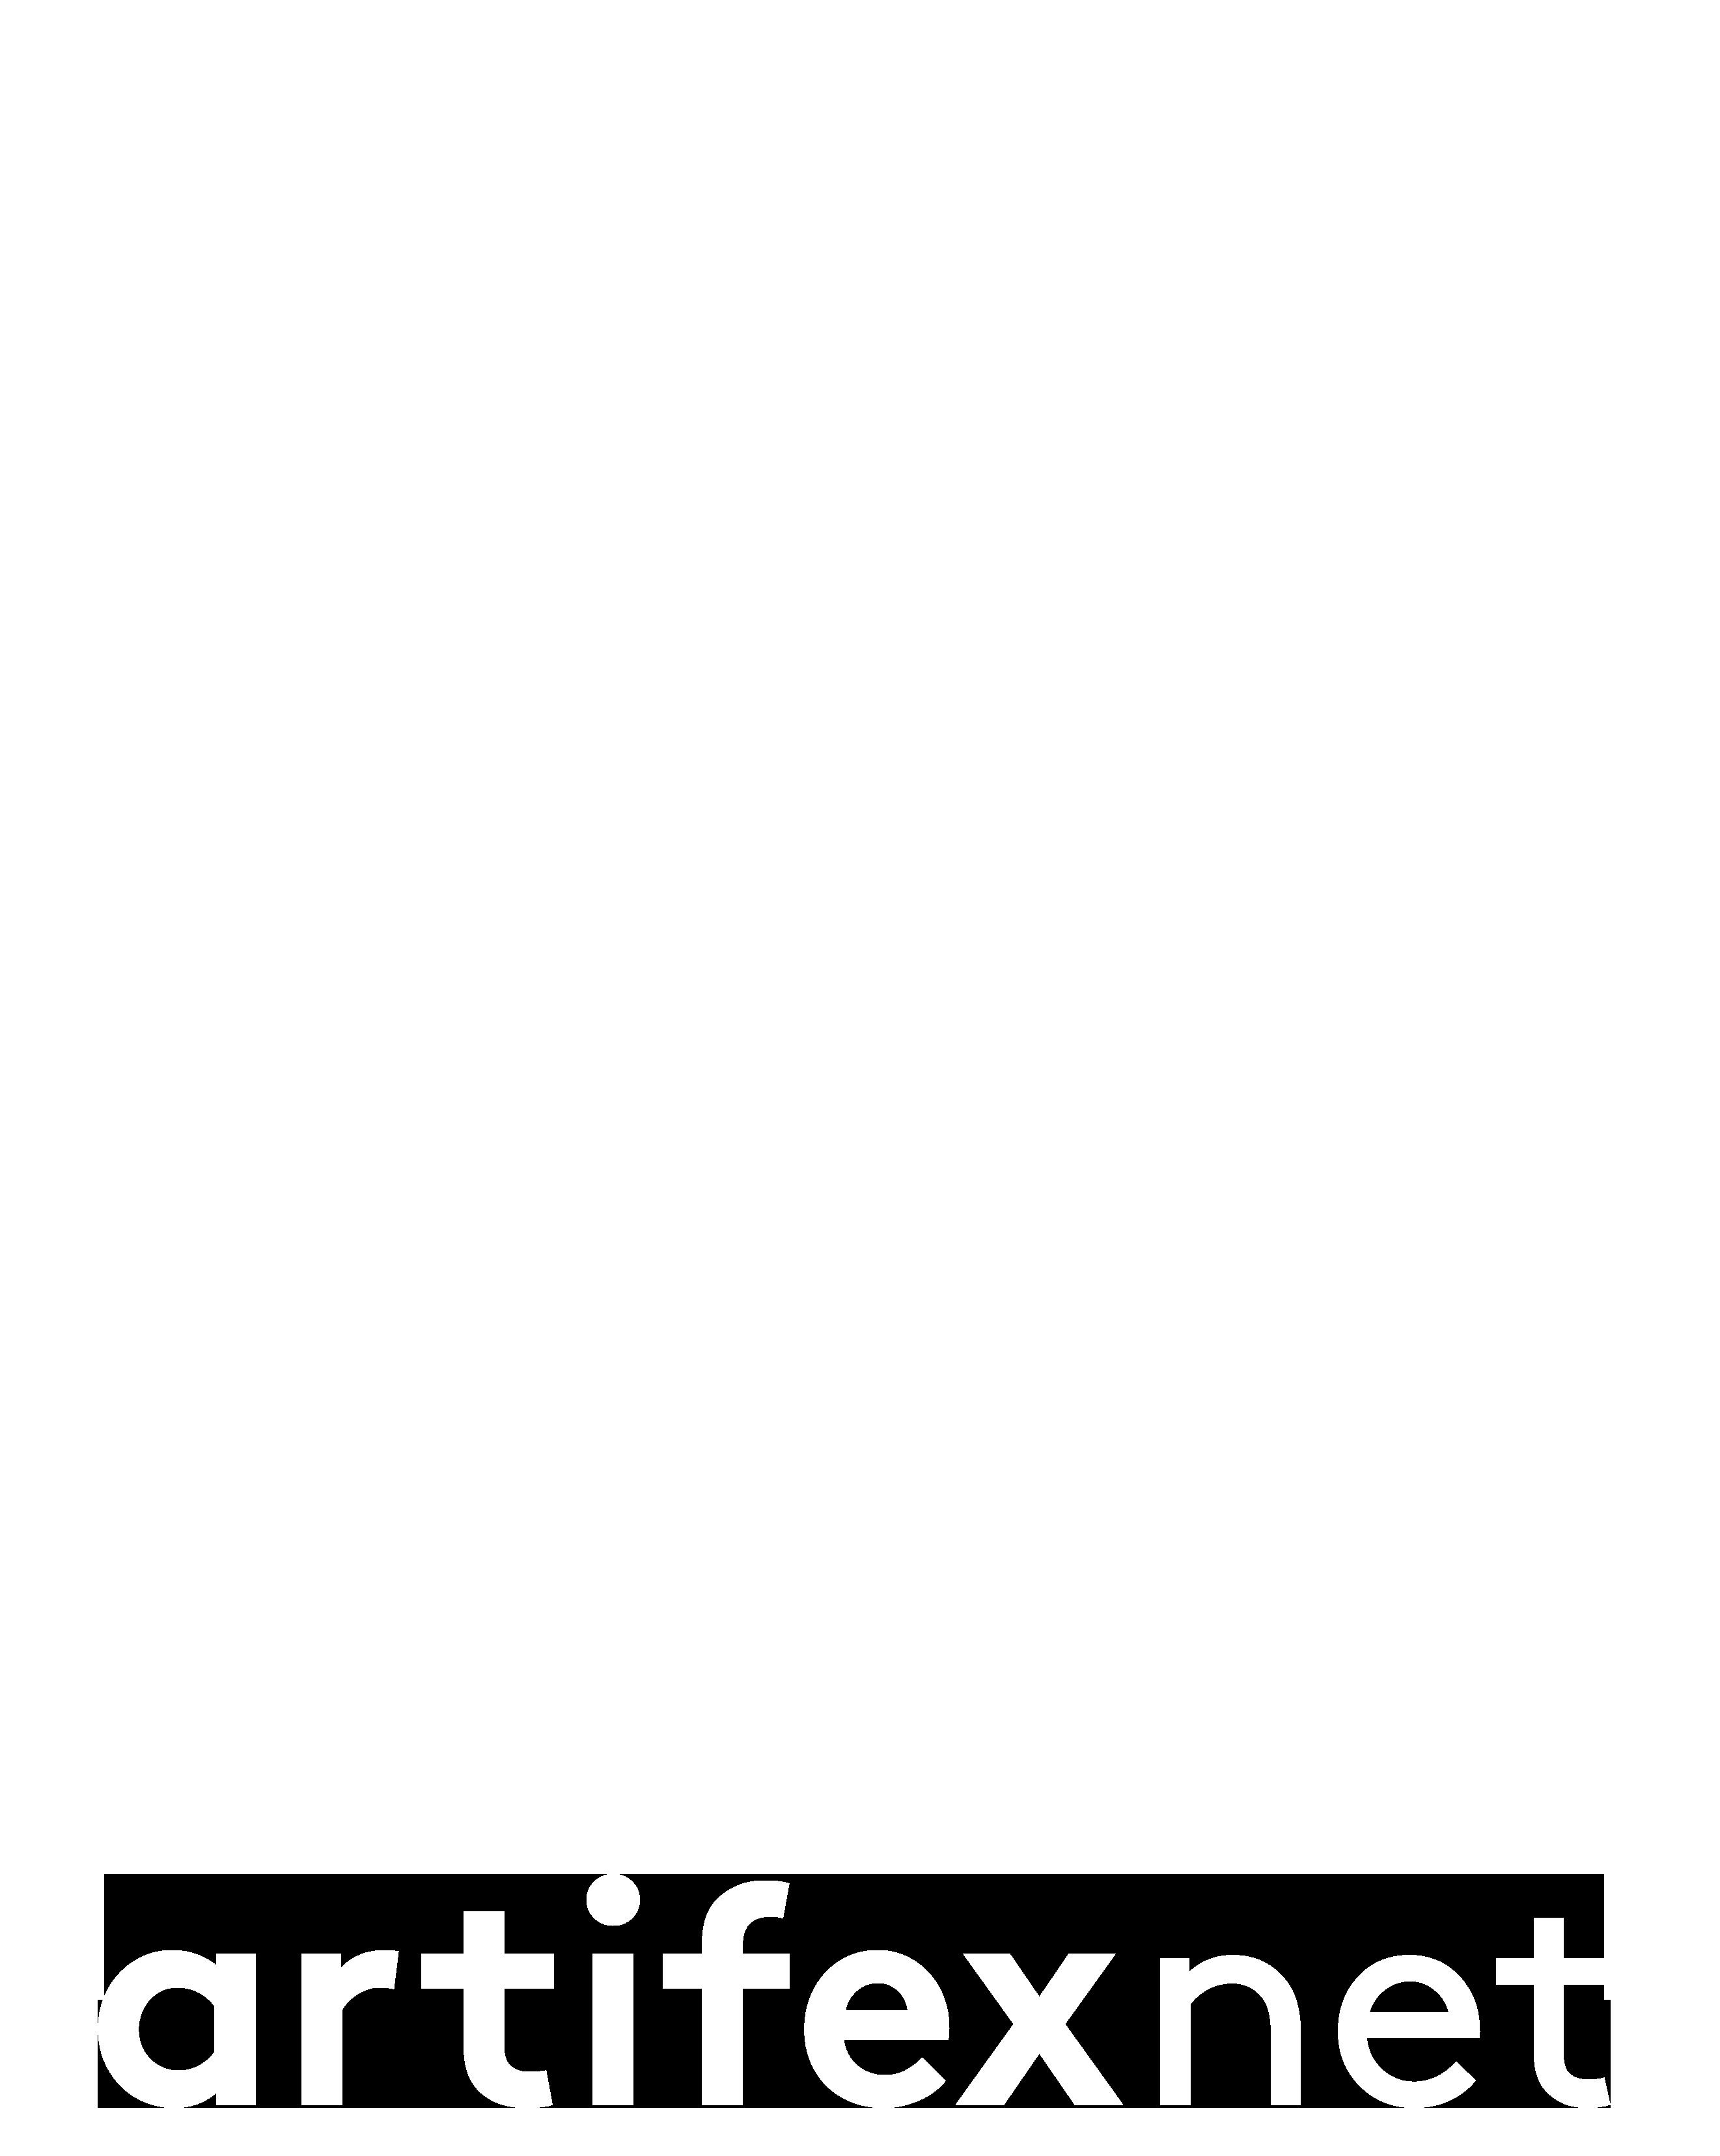 Artifex Net